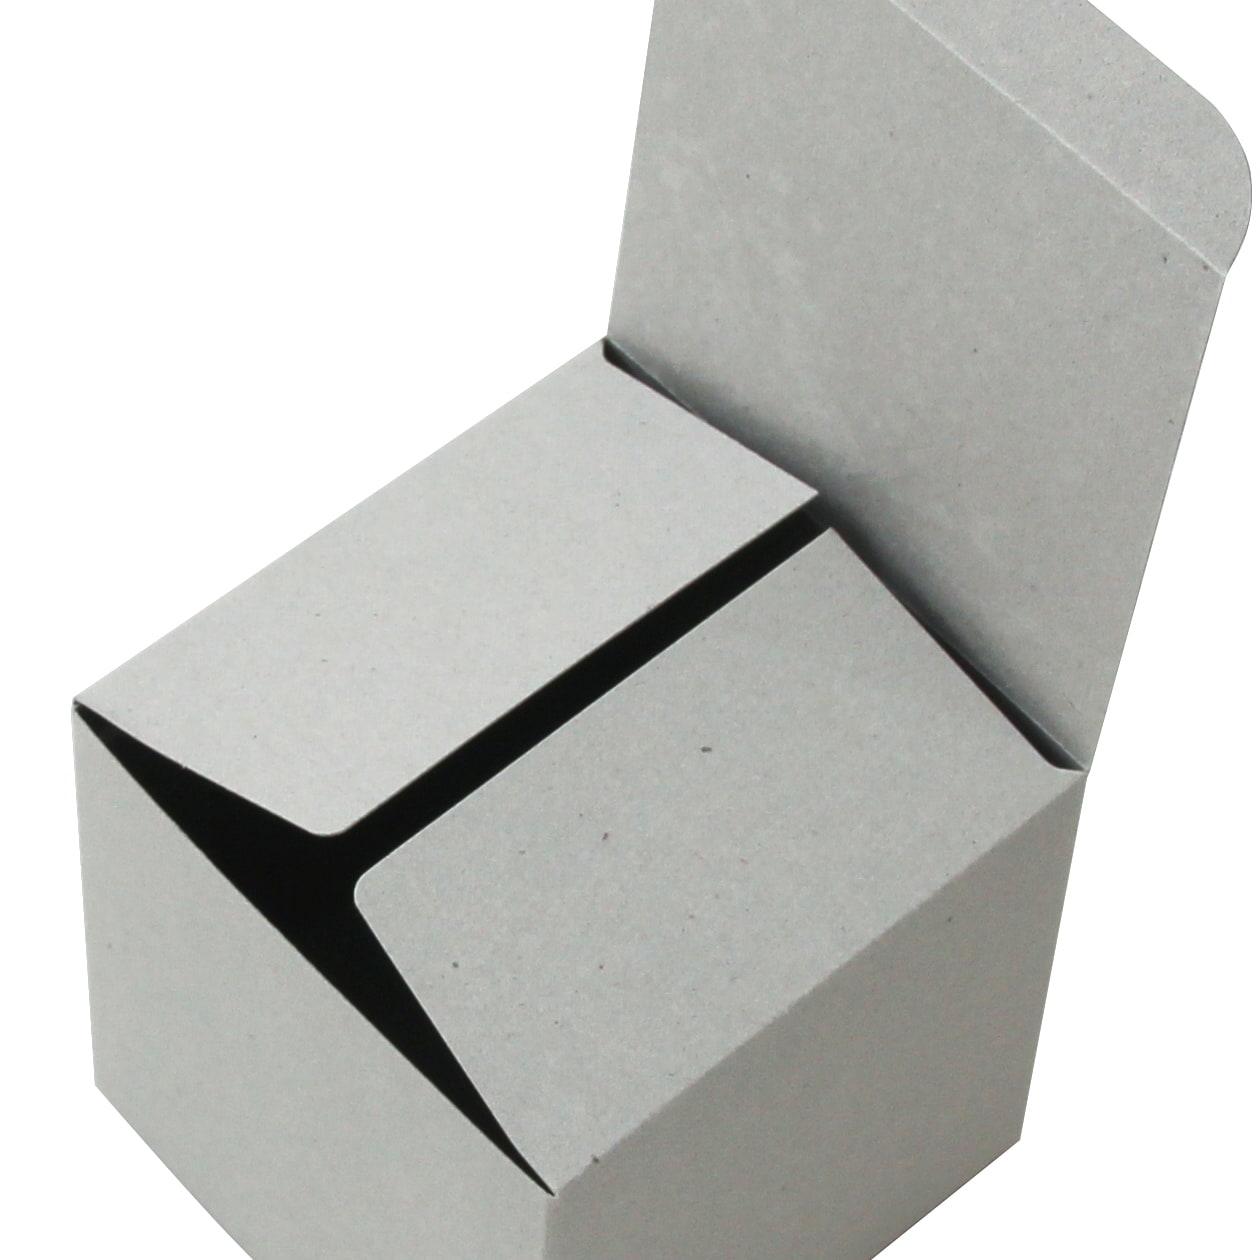 キャラメル箱80×80×80